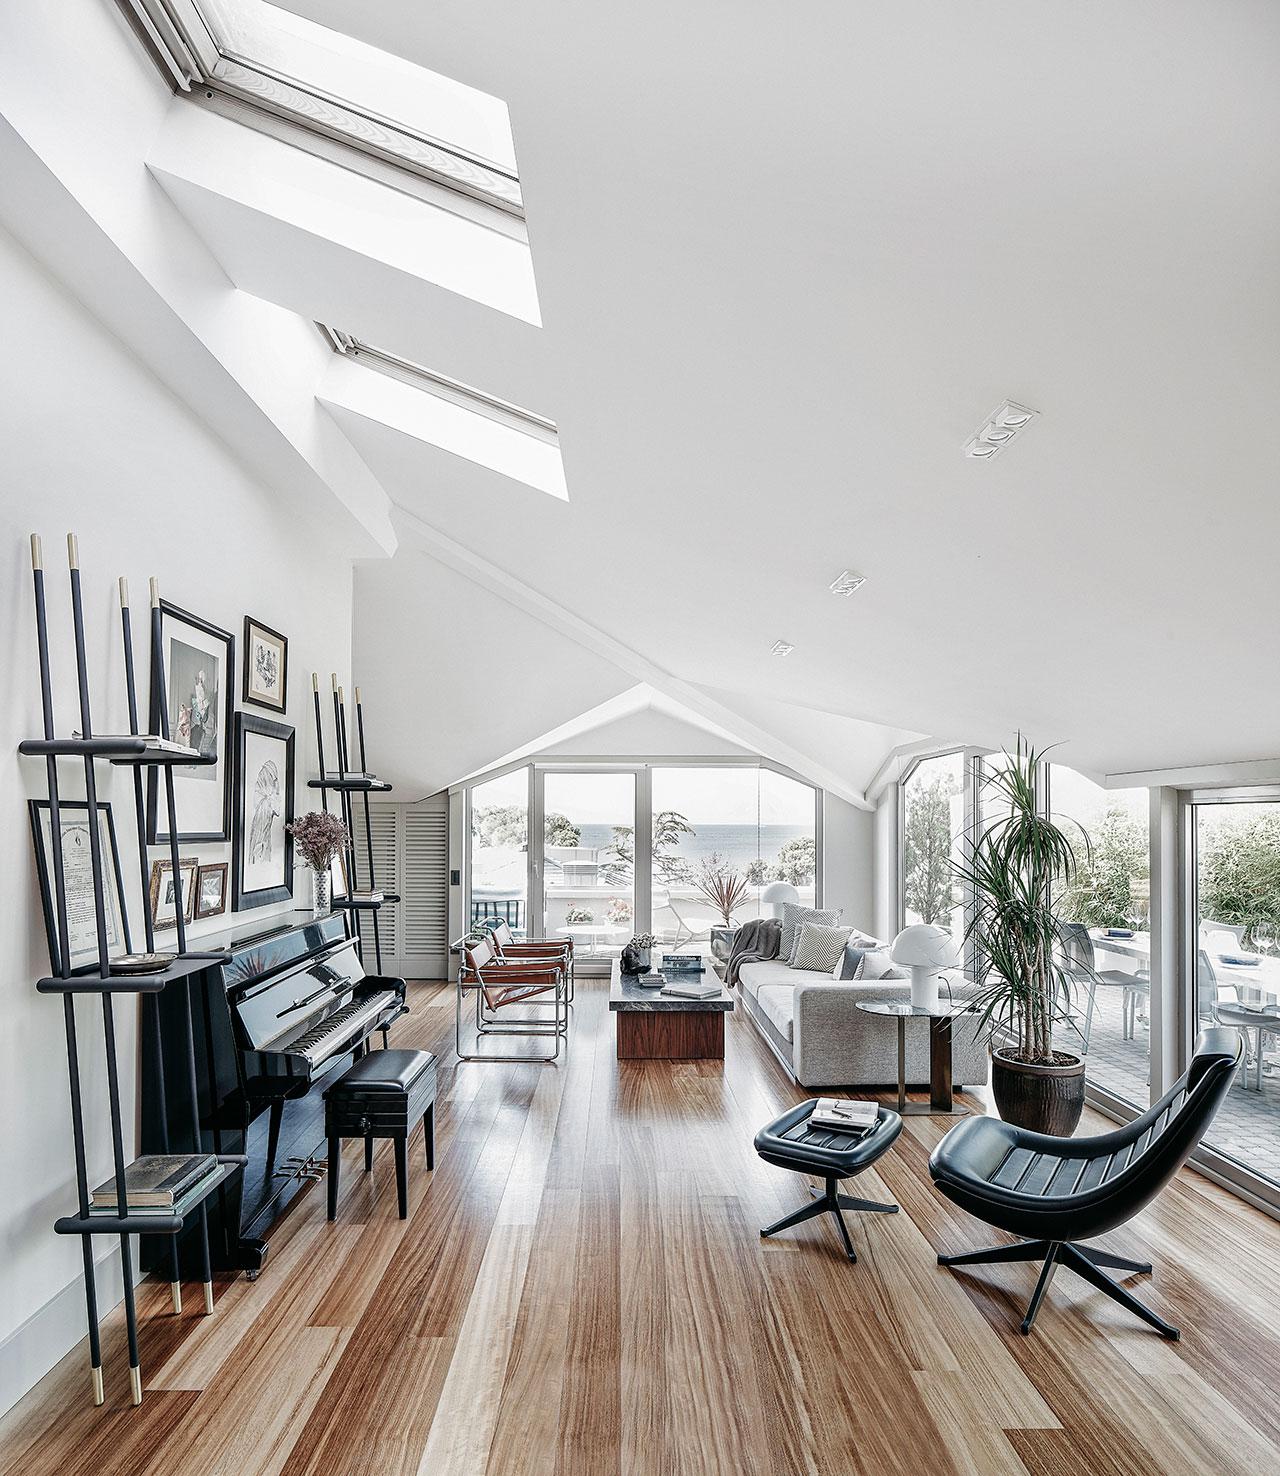 紫禁壹号院 现代主义 客厅图片来自别墅设计师杨洋在紫禁壹号院现代主义的混合设计的分享